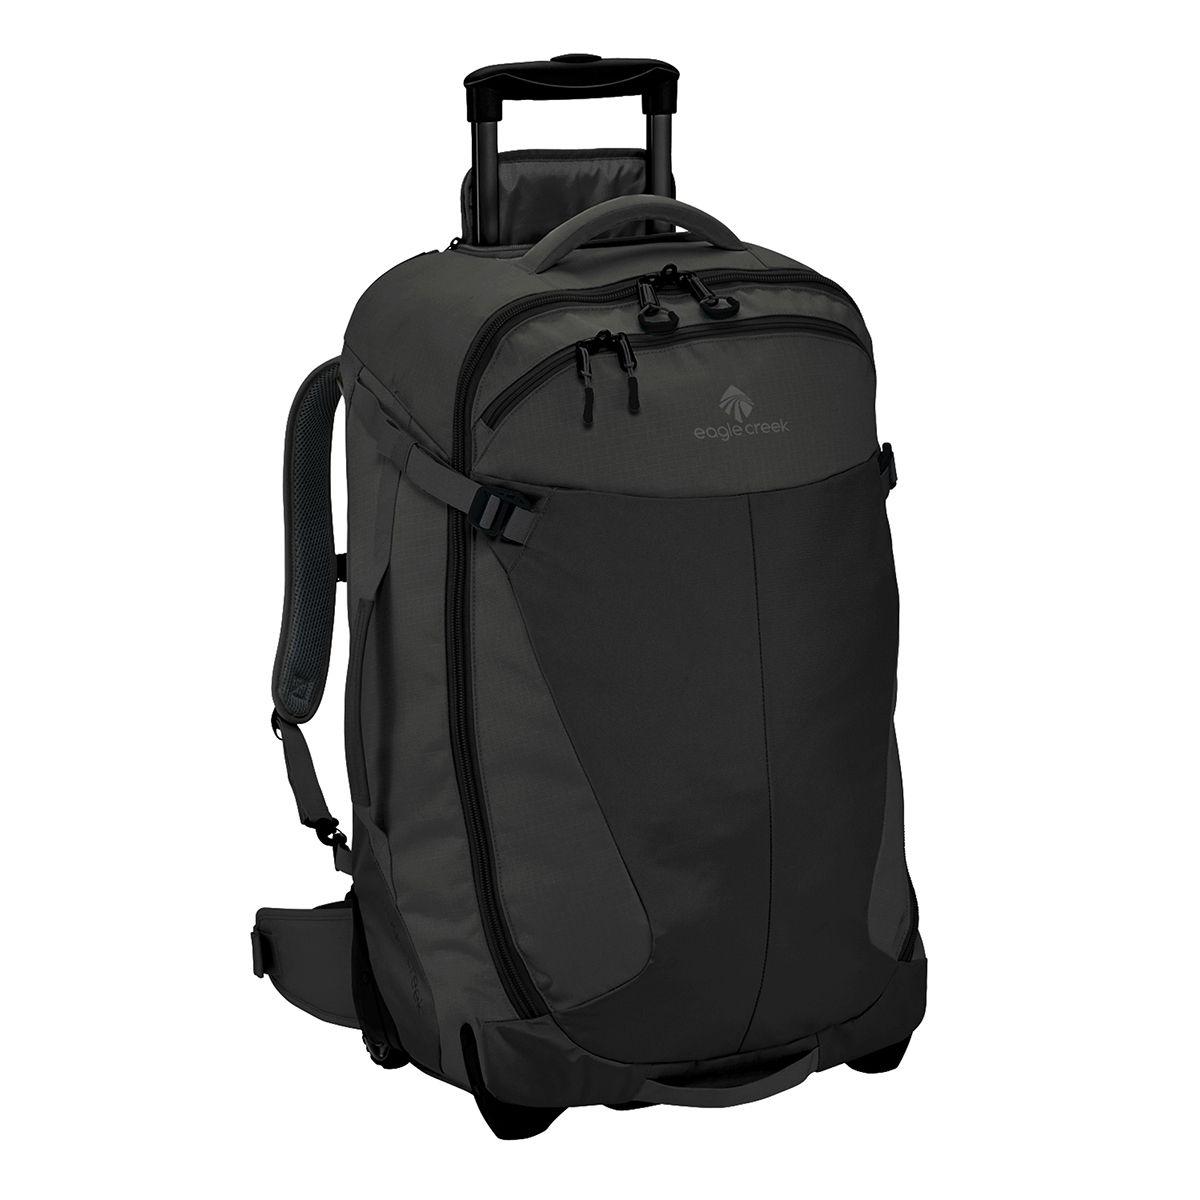 eagle creek actify wheeled backpack 26 rucksack trolley. Black Bedroom Furniture Sets. Home Design Ideas